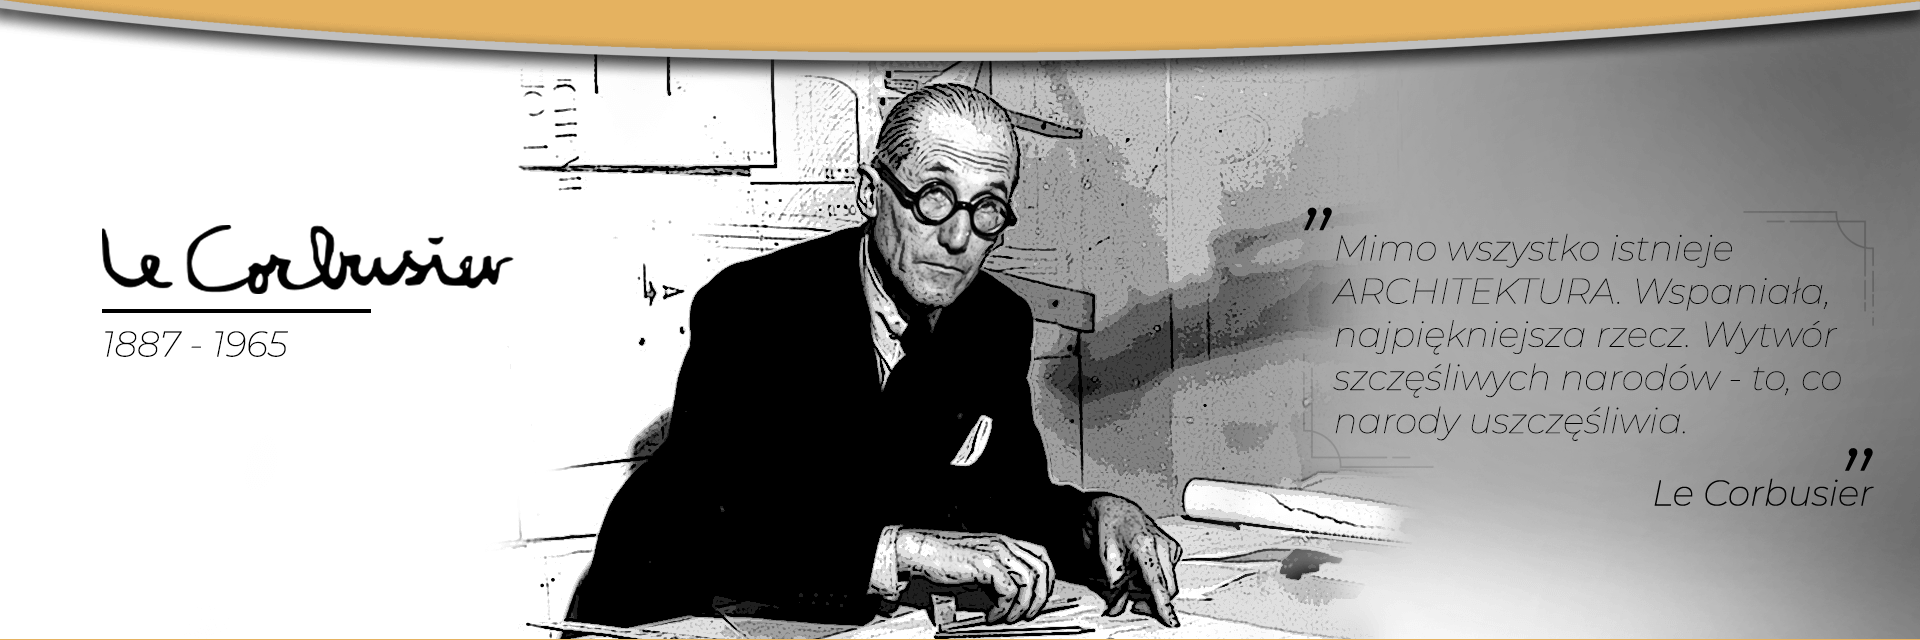 """""""Mimo wszystko istnieje ARCHITEKTURA"""" Le Corbusier"""